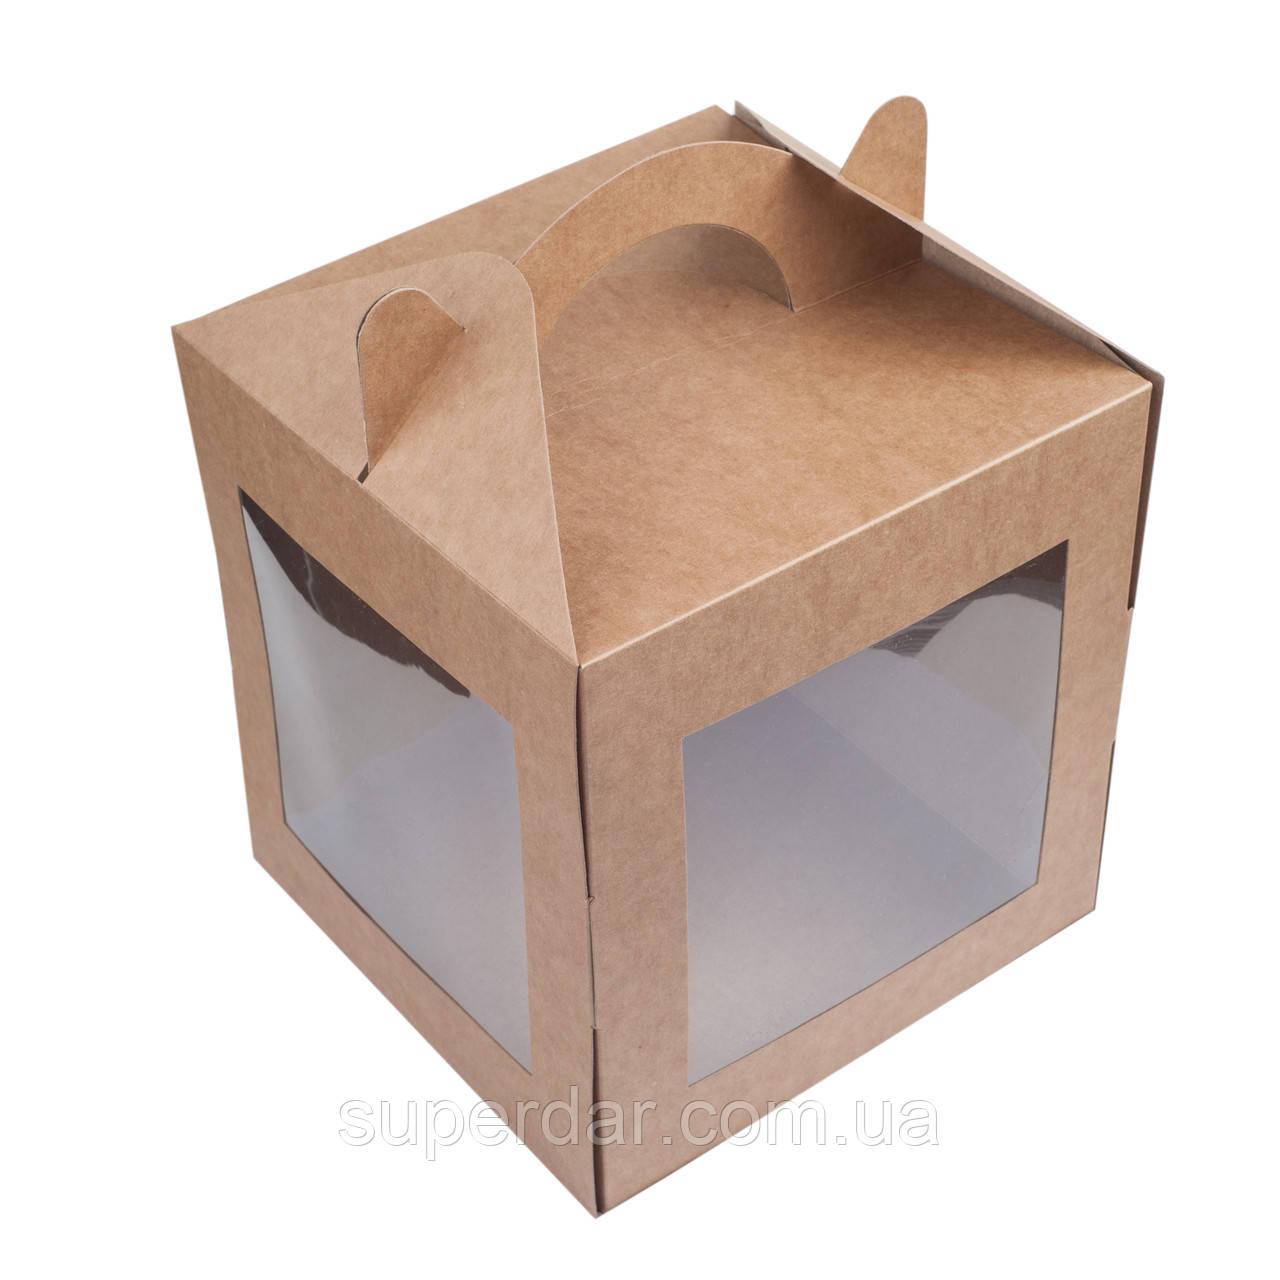 Коробка для кулича, пряничного домика, 200х200х220 мм., крафт